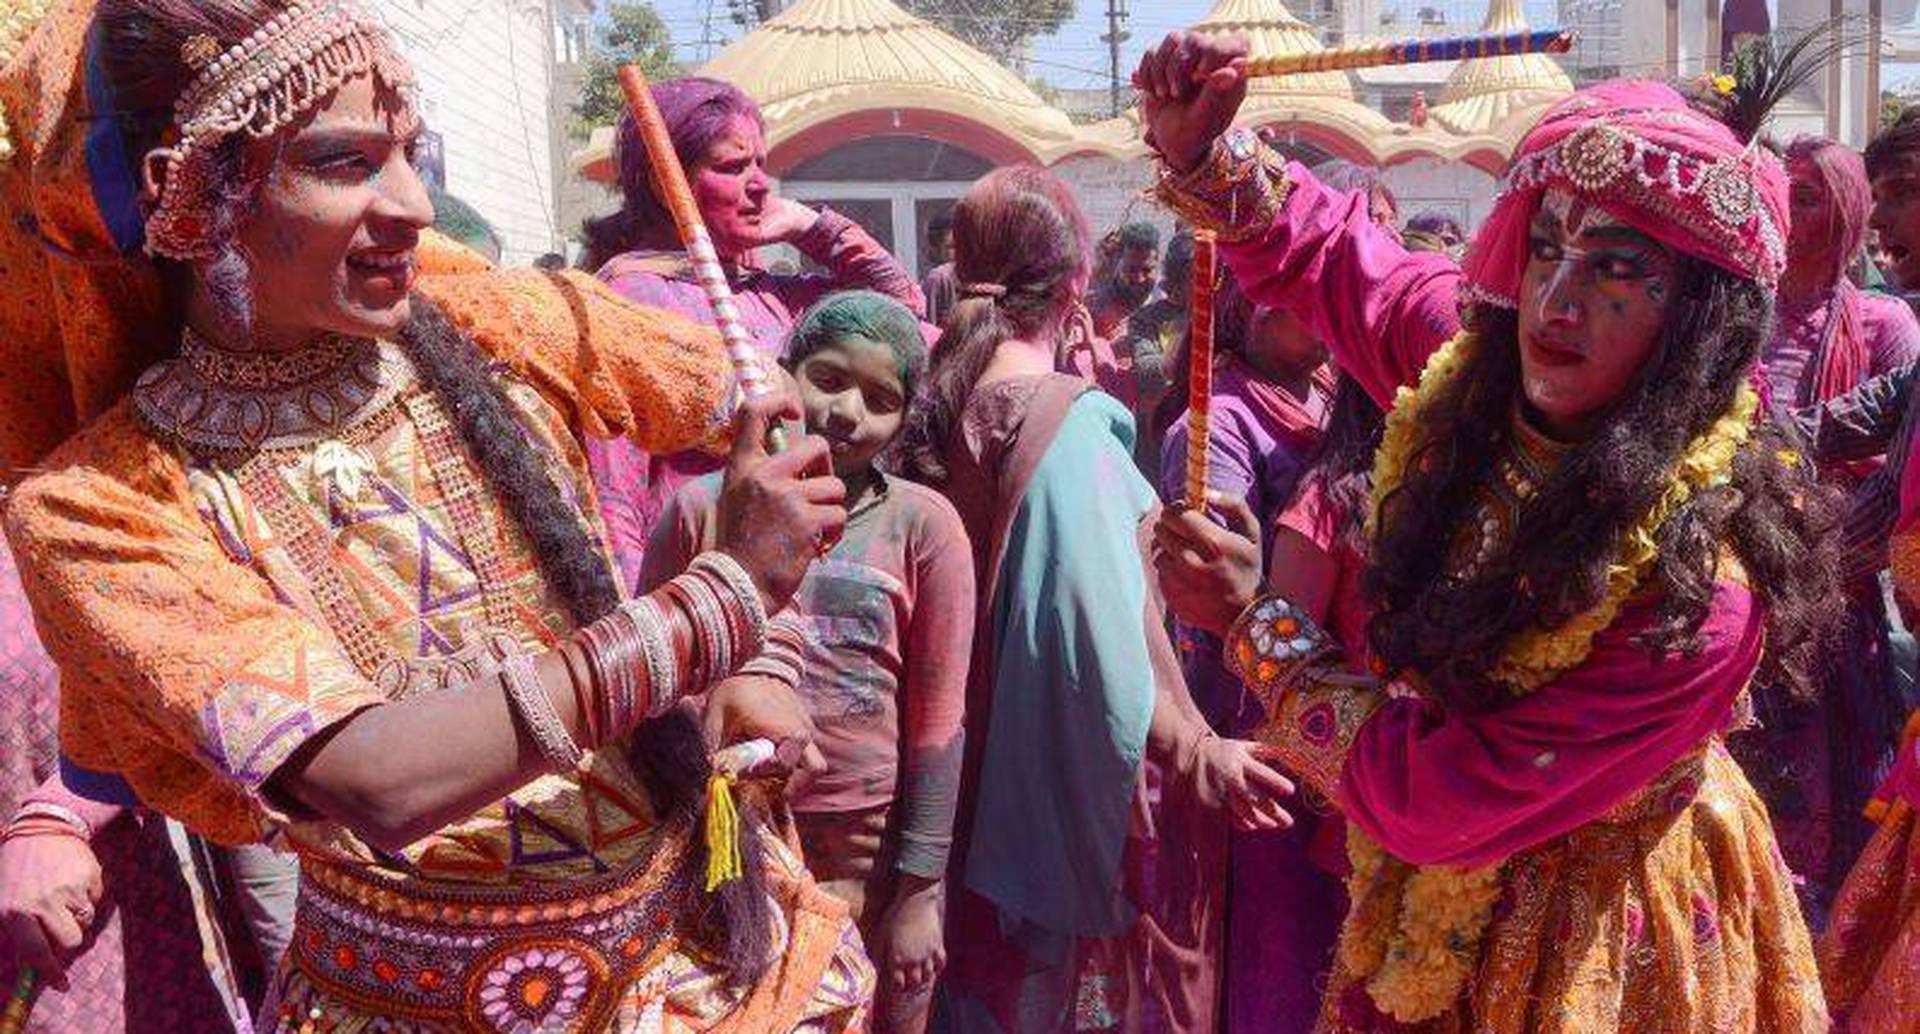 """Artistas indios vestidos como Lord Krishna y Radha interpretan la danza folclórica tradicional """"Dandiya Raas"""" durante las celebraciones del festival Holi en un templo en Amritsar. FOTO: NARINDER NANU / AFP."""